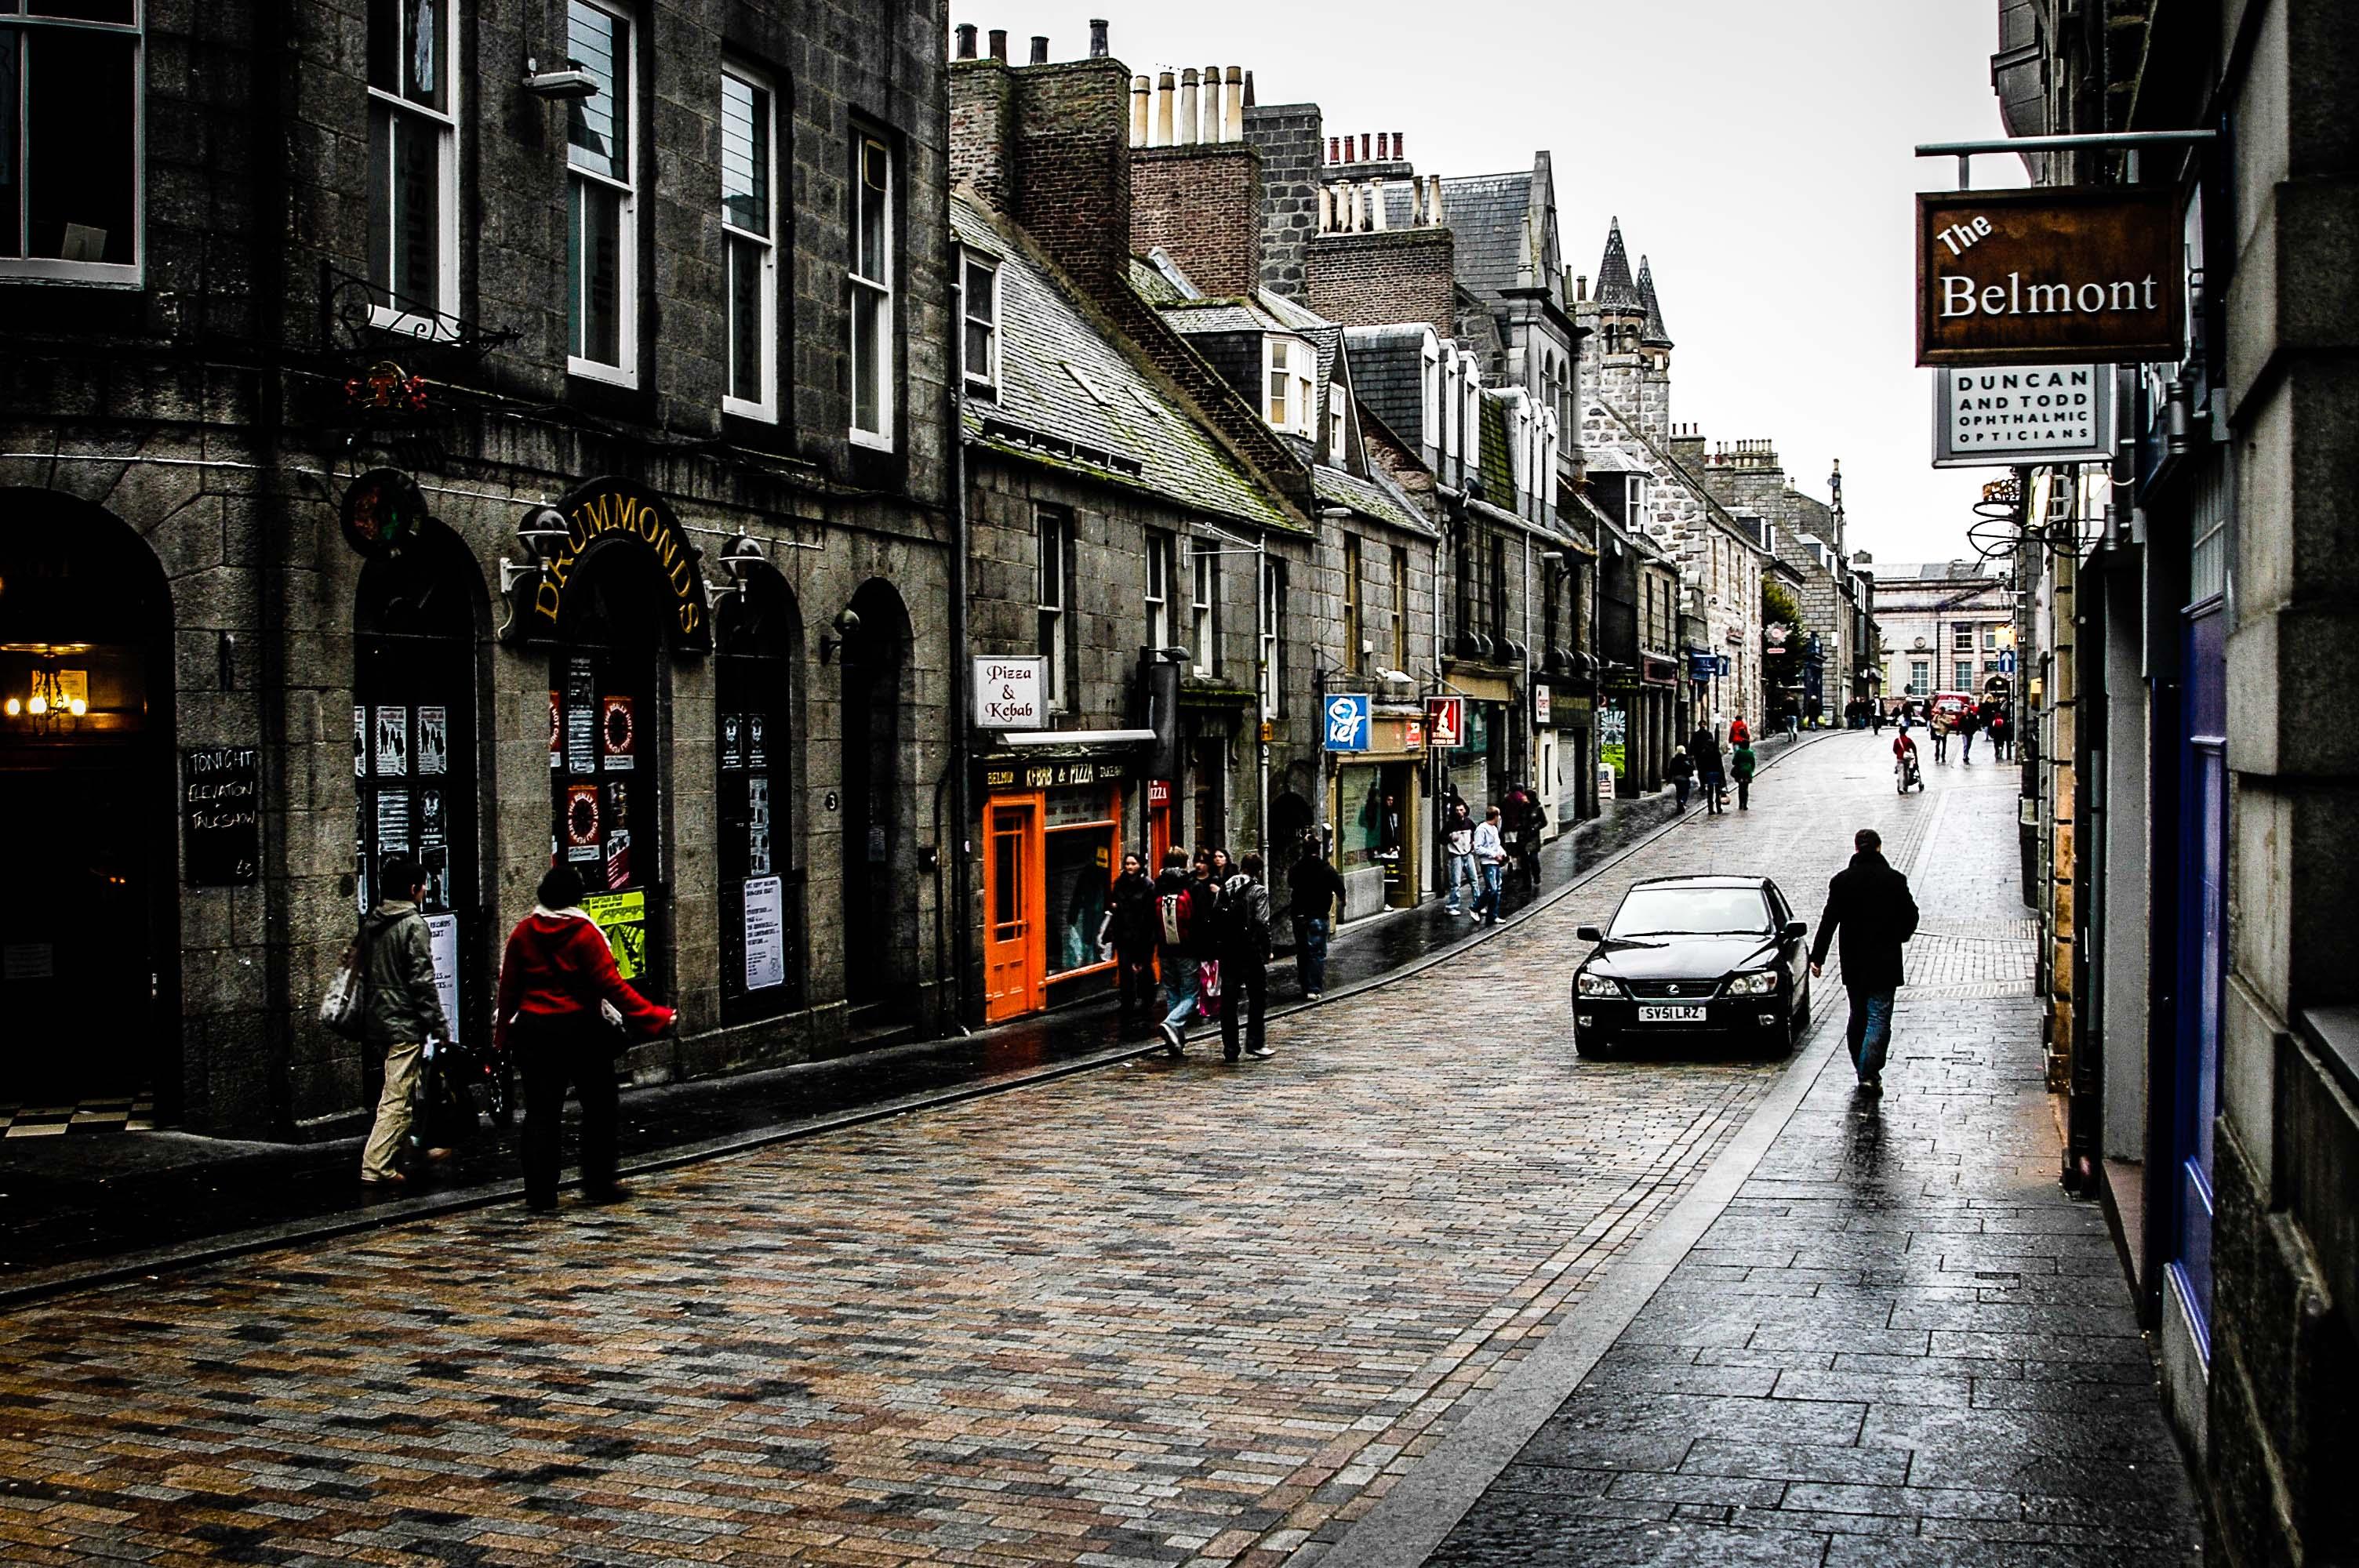 пабы, церкви, дождь стюарт макбрайд логан макрай детектив шотландия абердин маньяк триллер отвратительные мужики disgusting men